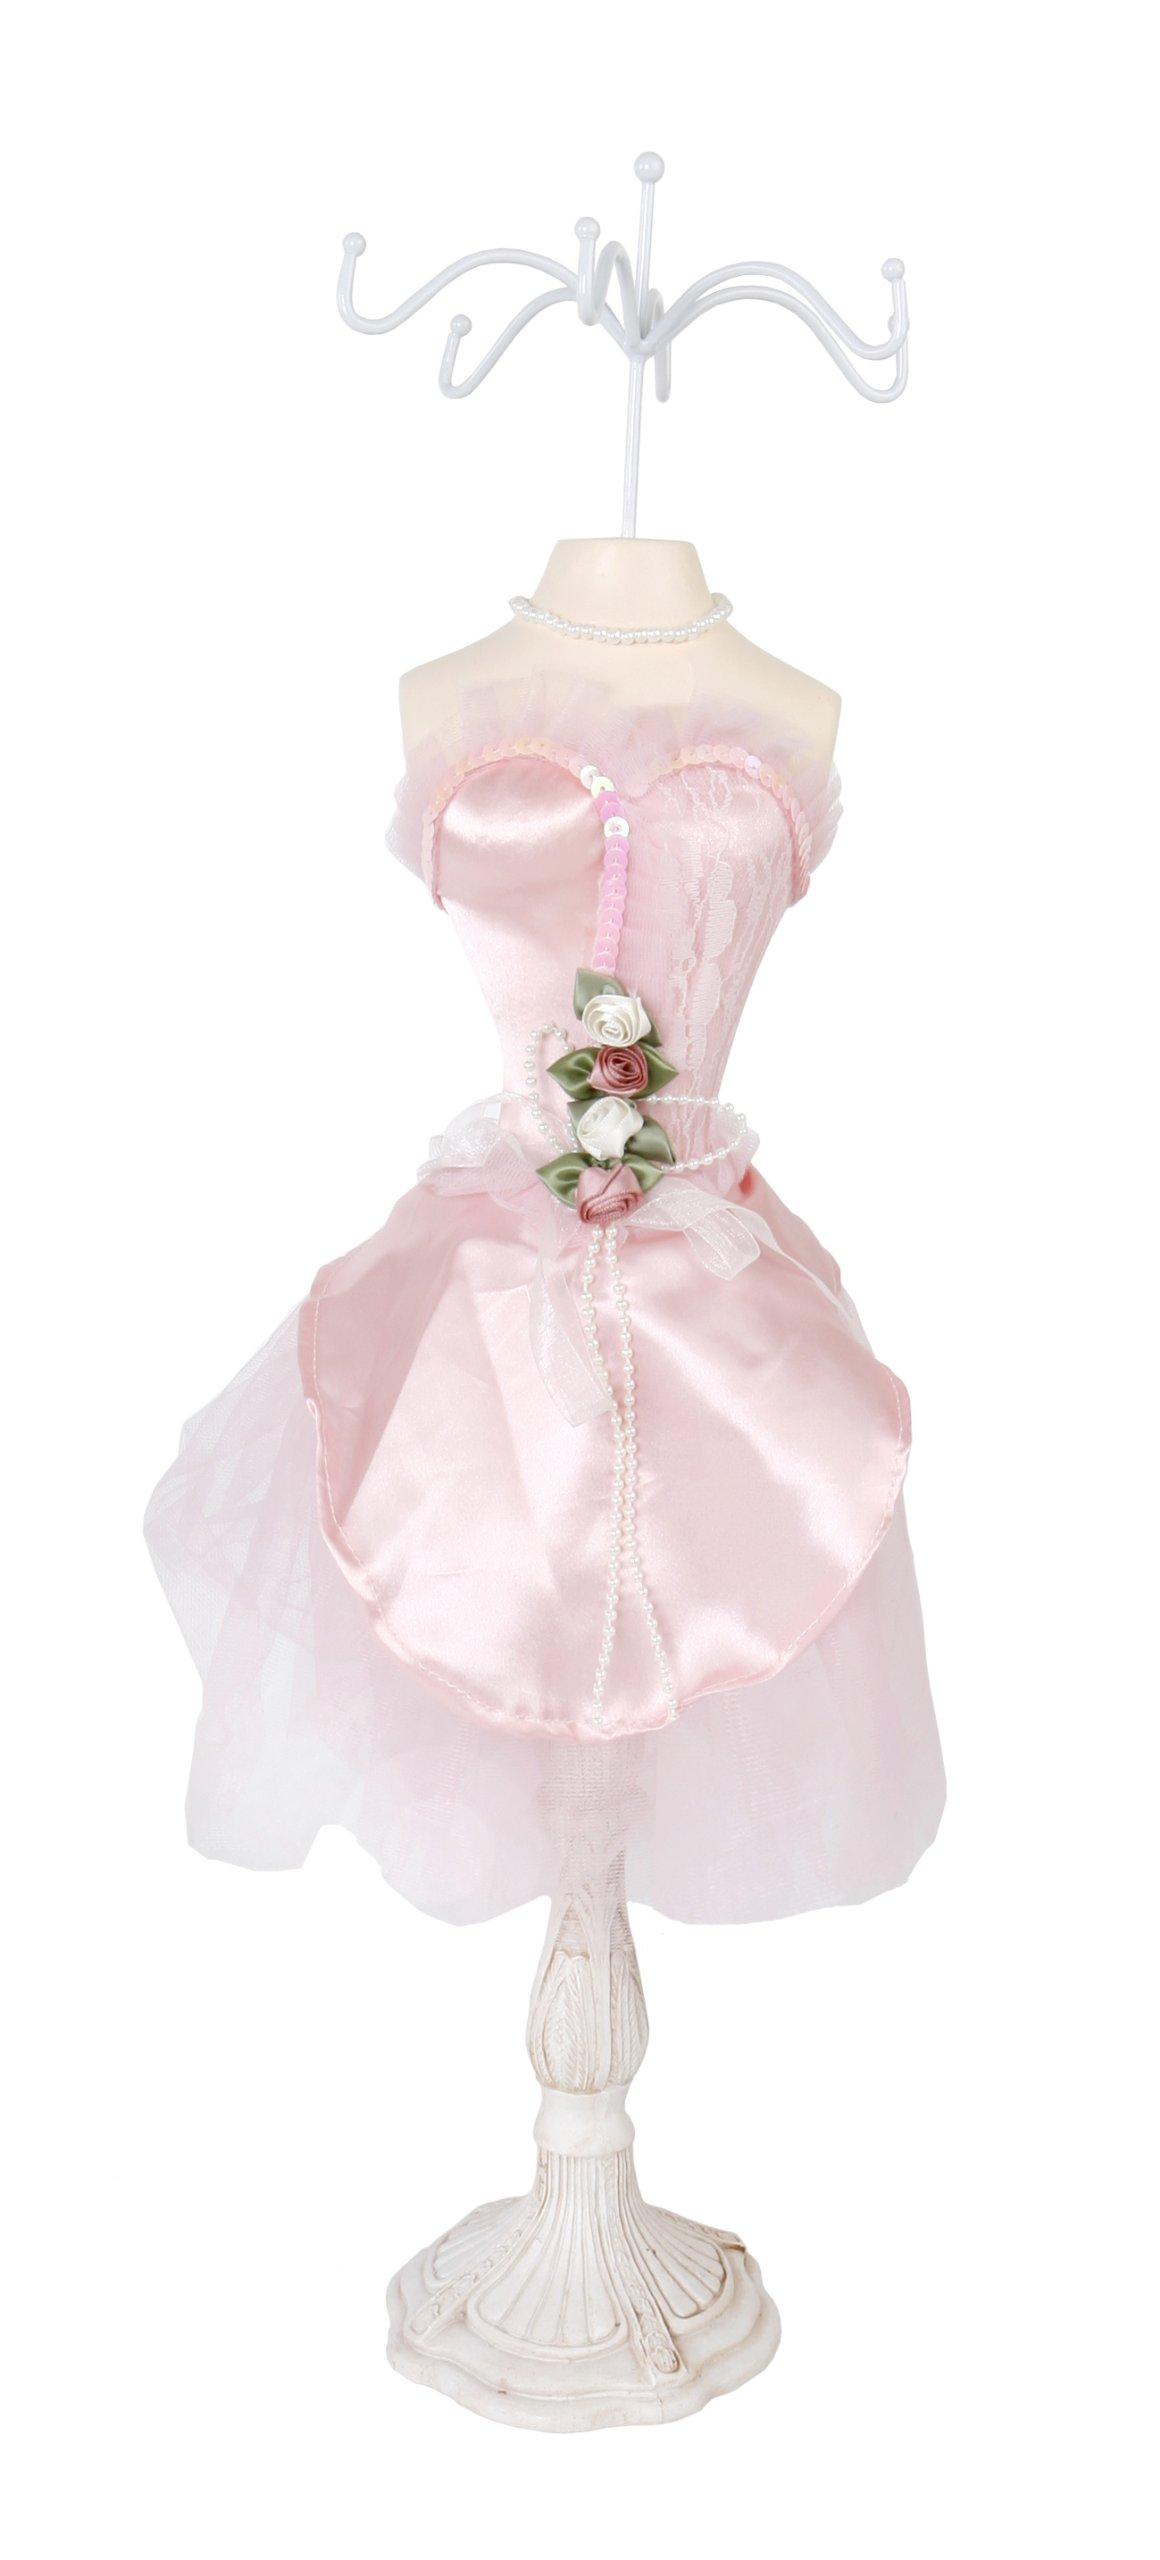 ROSA 2 Rosen Armbandständer 60cm Schmuckständer Ständer Kettenständer Uhrenständer Kette